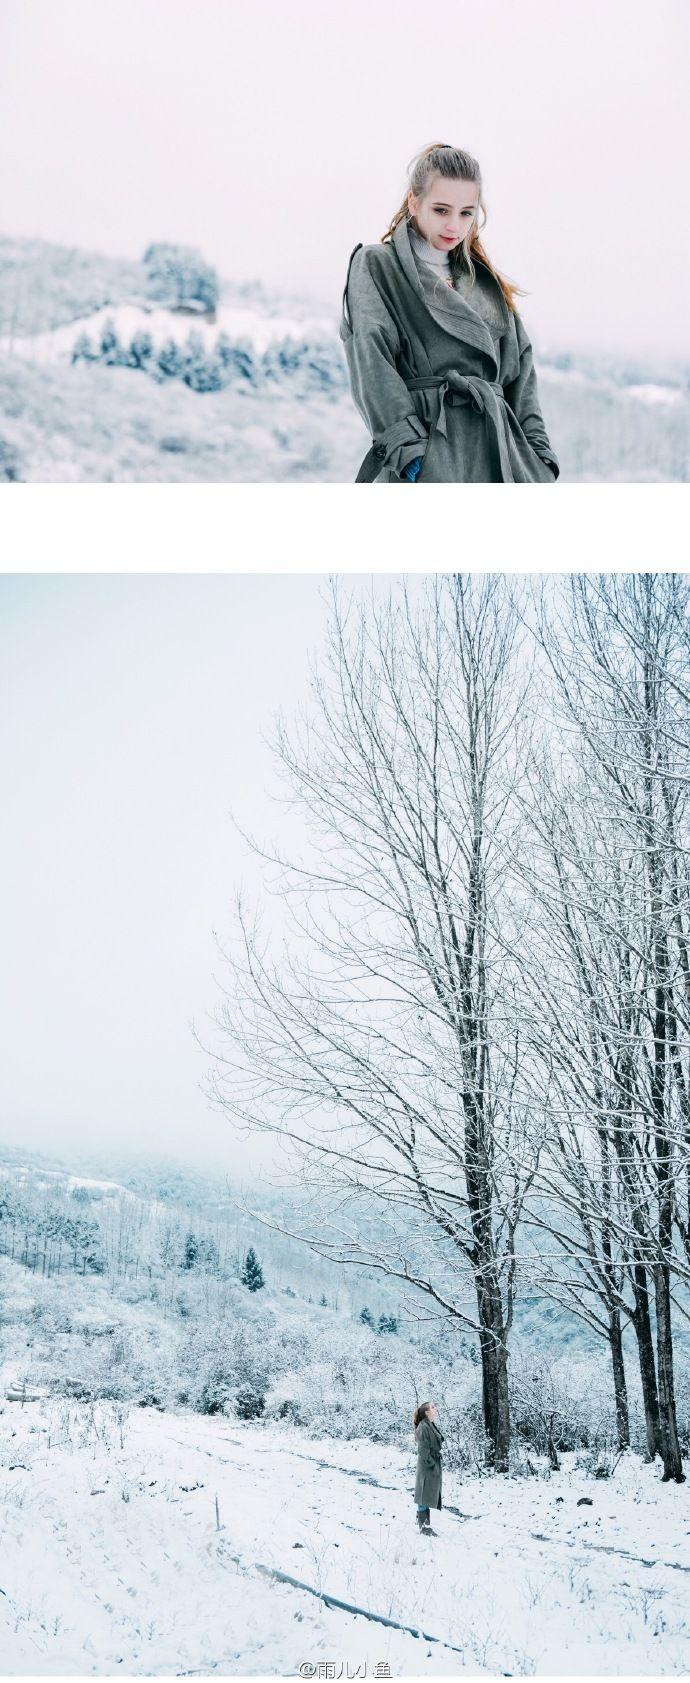 #微相册投稿##成都约拍##微博摄影大赛#。 ... 来自雨儿小鱼 - 微博